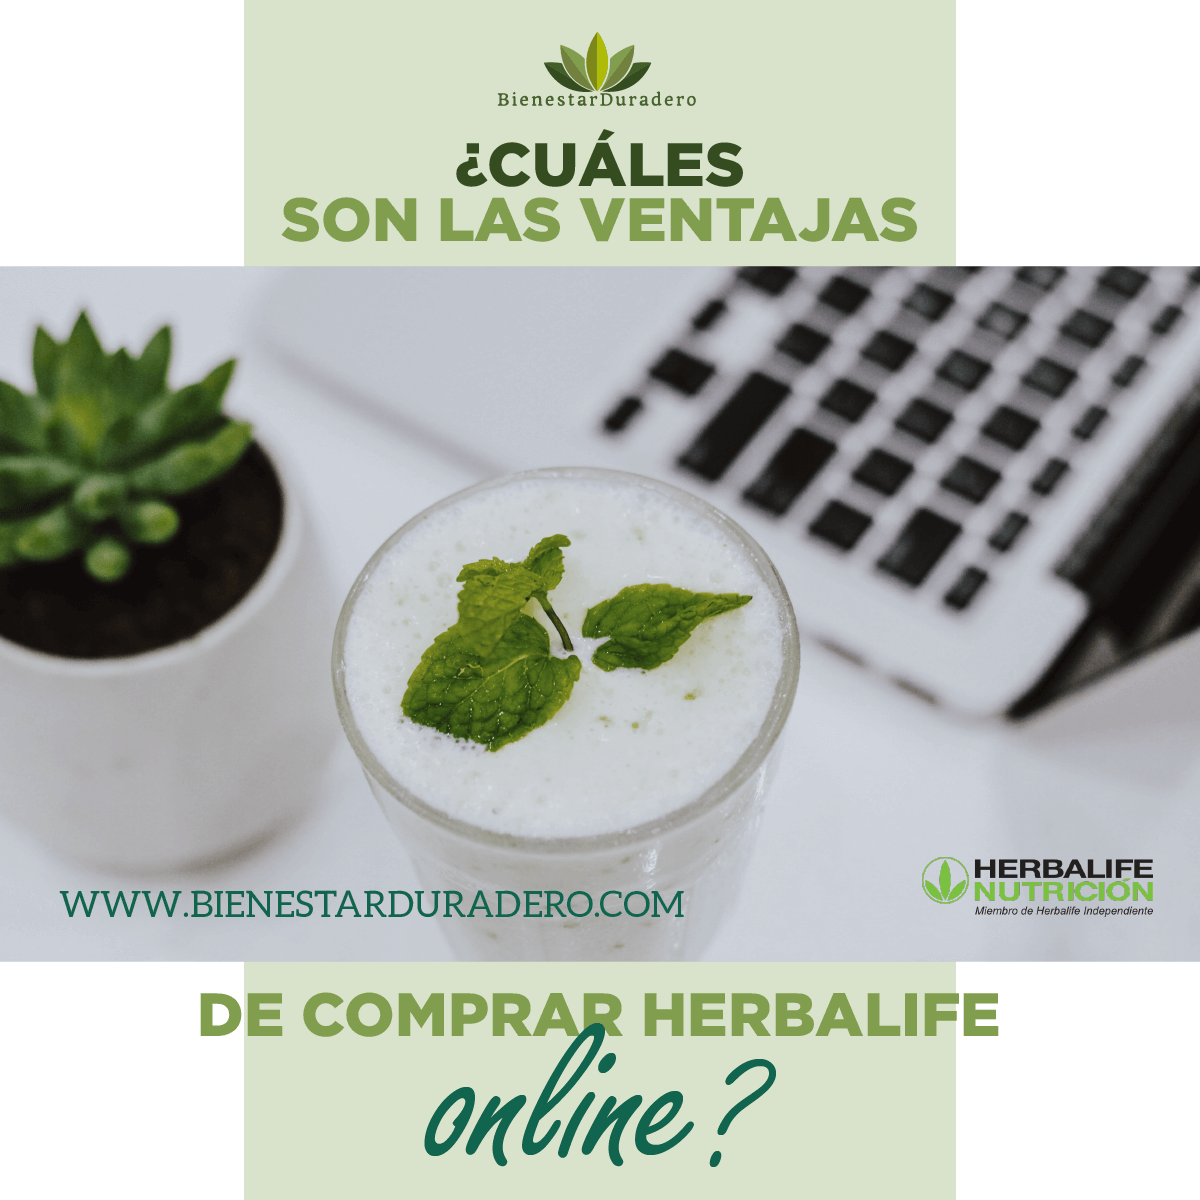 ¿Cuáles son las ventajas de comprar herbalife online?